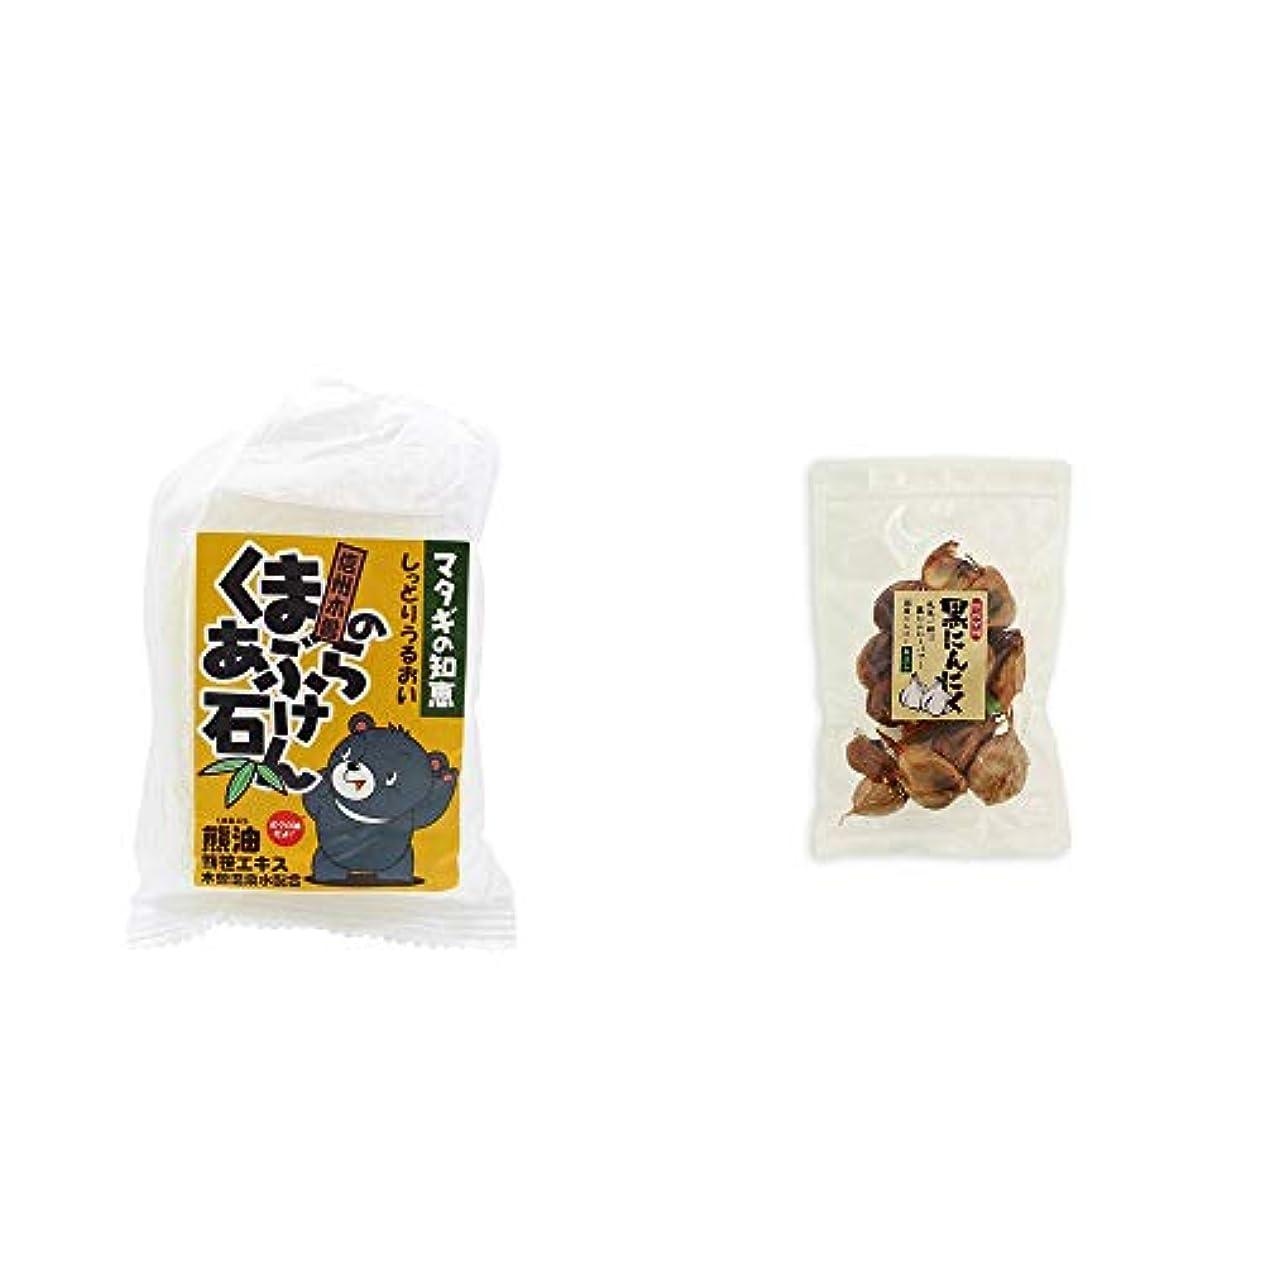 クスクス億倍増[2点セット] 信州木曽 くまのあぶら石けん(80g)?熟成発酵 黒にんにく(120g)